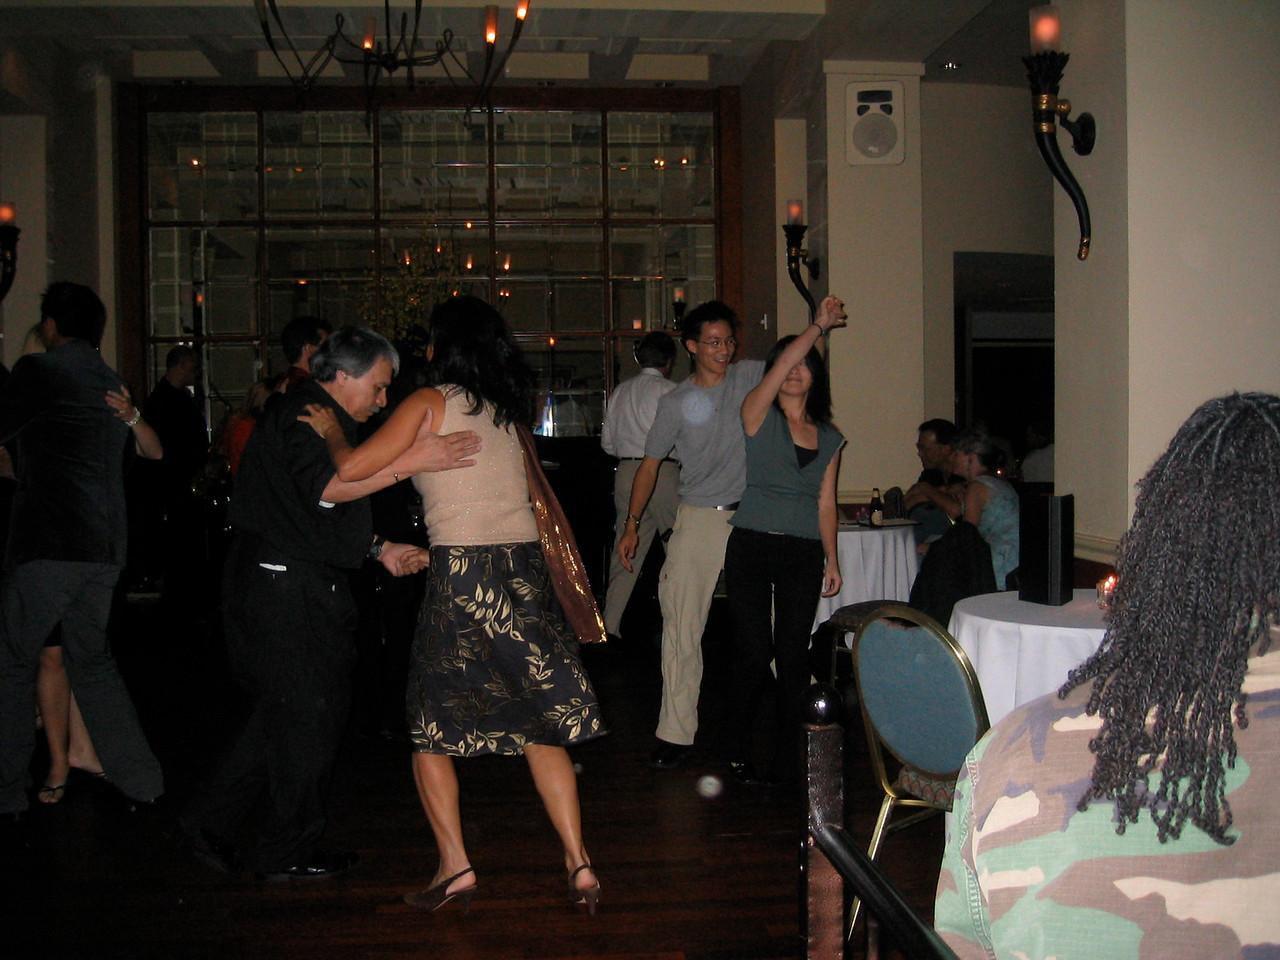 2004 06 11 Friday - Top of The Mark - Ben & Estee on the floor